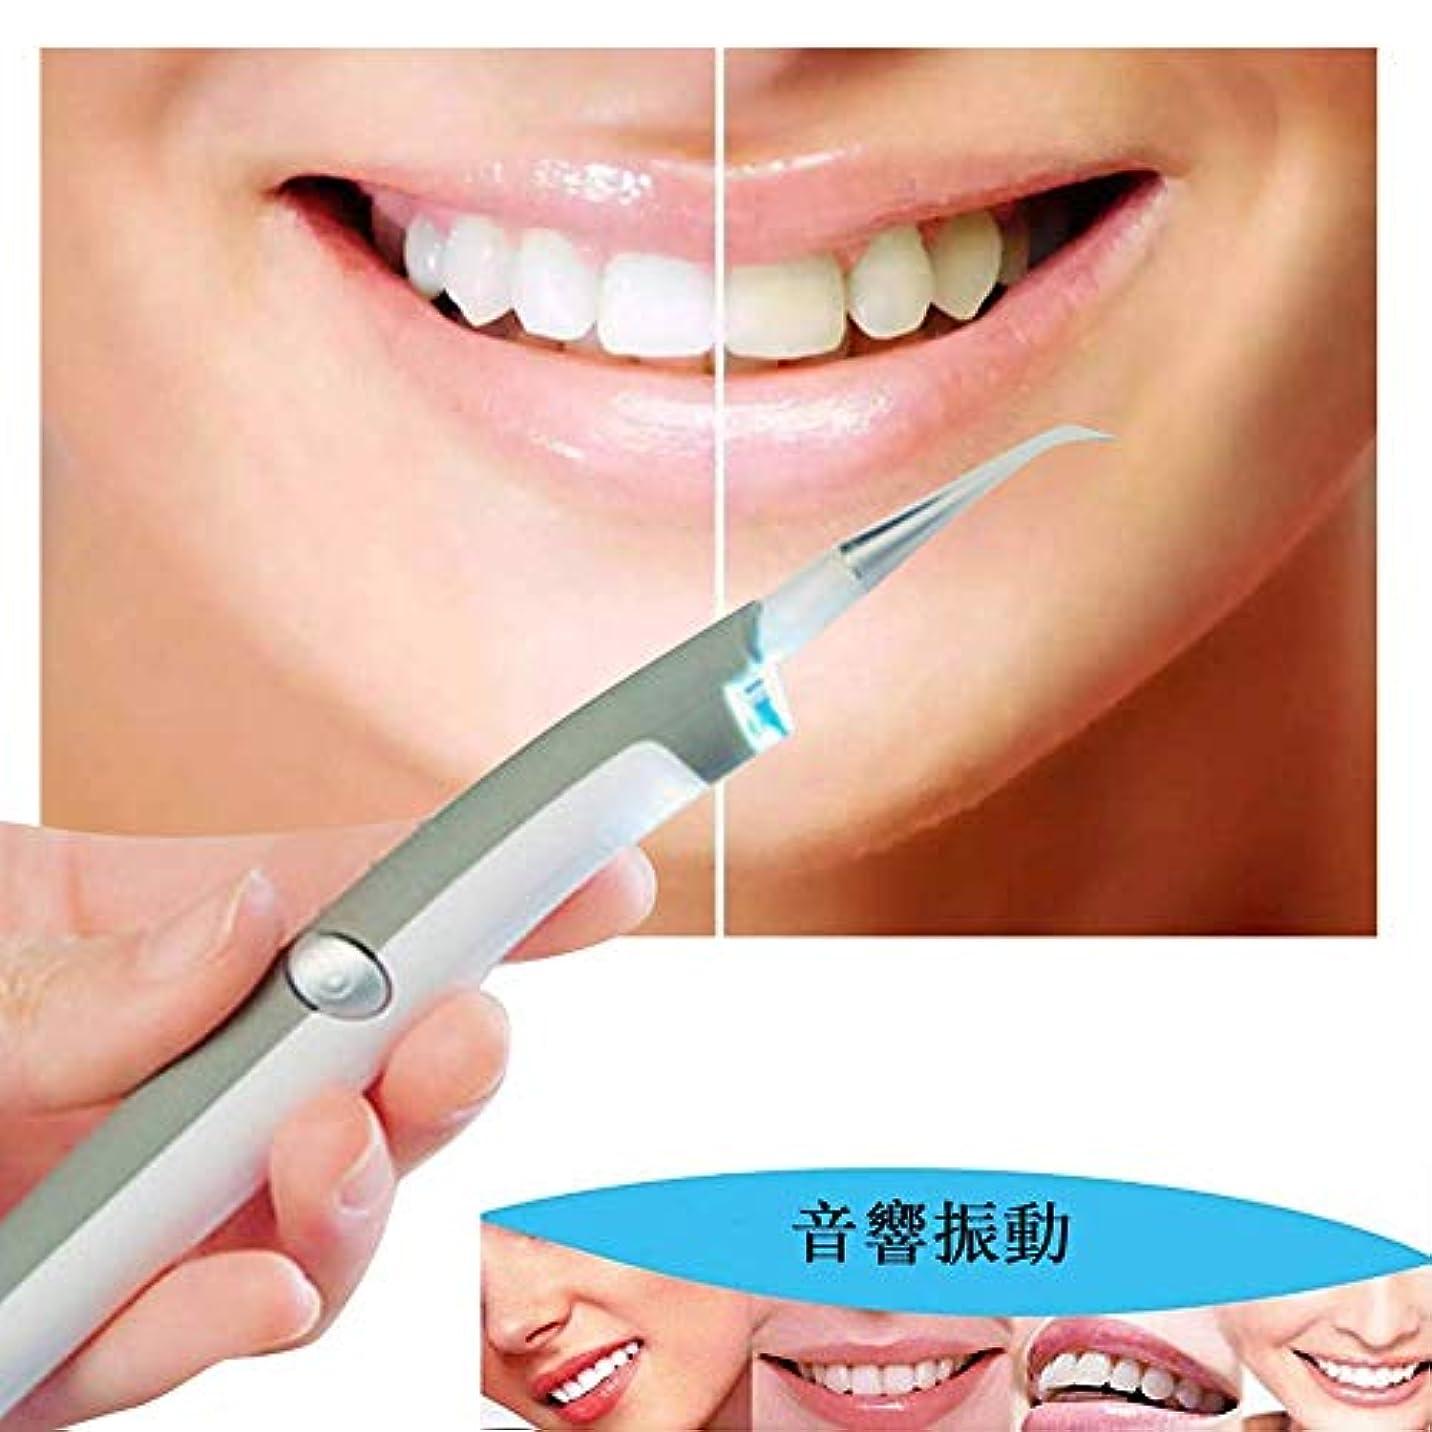 逆に良さ解釈するCarejoy LED歯科用歯ステイン消しゴム 電動デンタルステインプラークリムーバー 歯科クリーニングシステム 歯クリーナー 歯科汚れリムーバー LEDの歯汚れ消しゴムプラークリムーバー 口腔衛生ケアのためのプロフェッショナル...